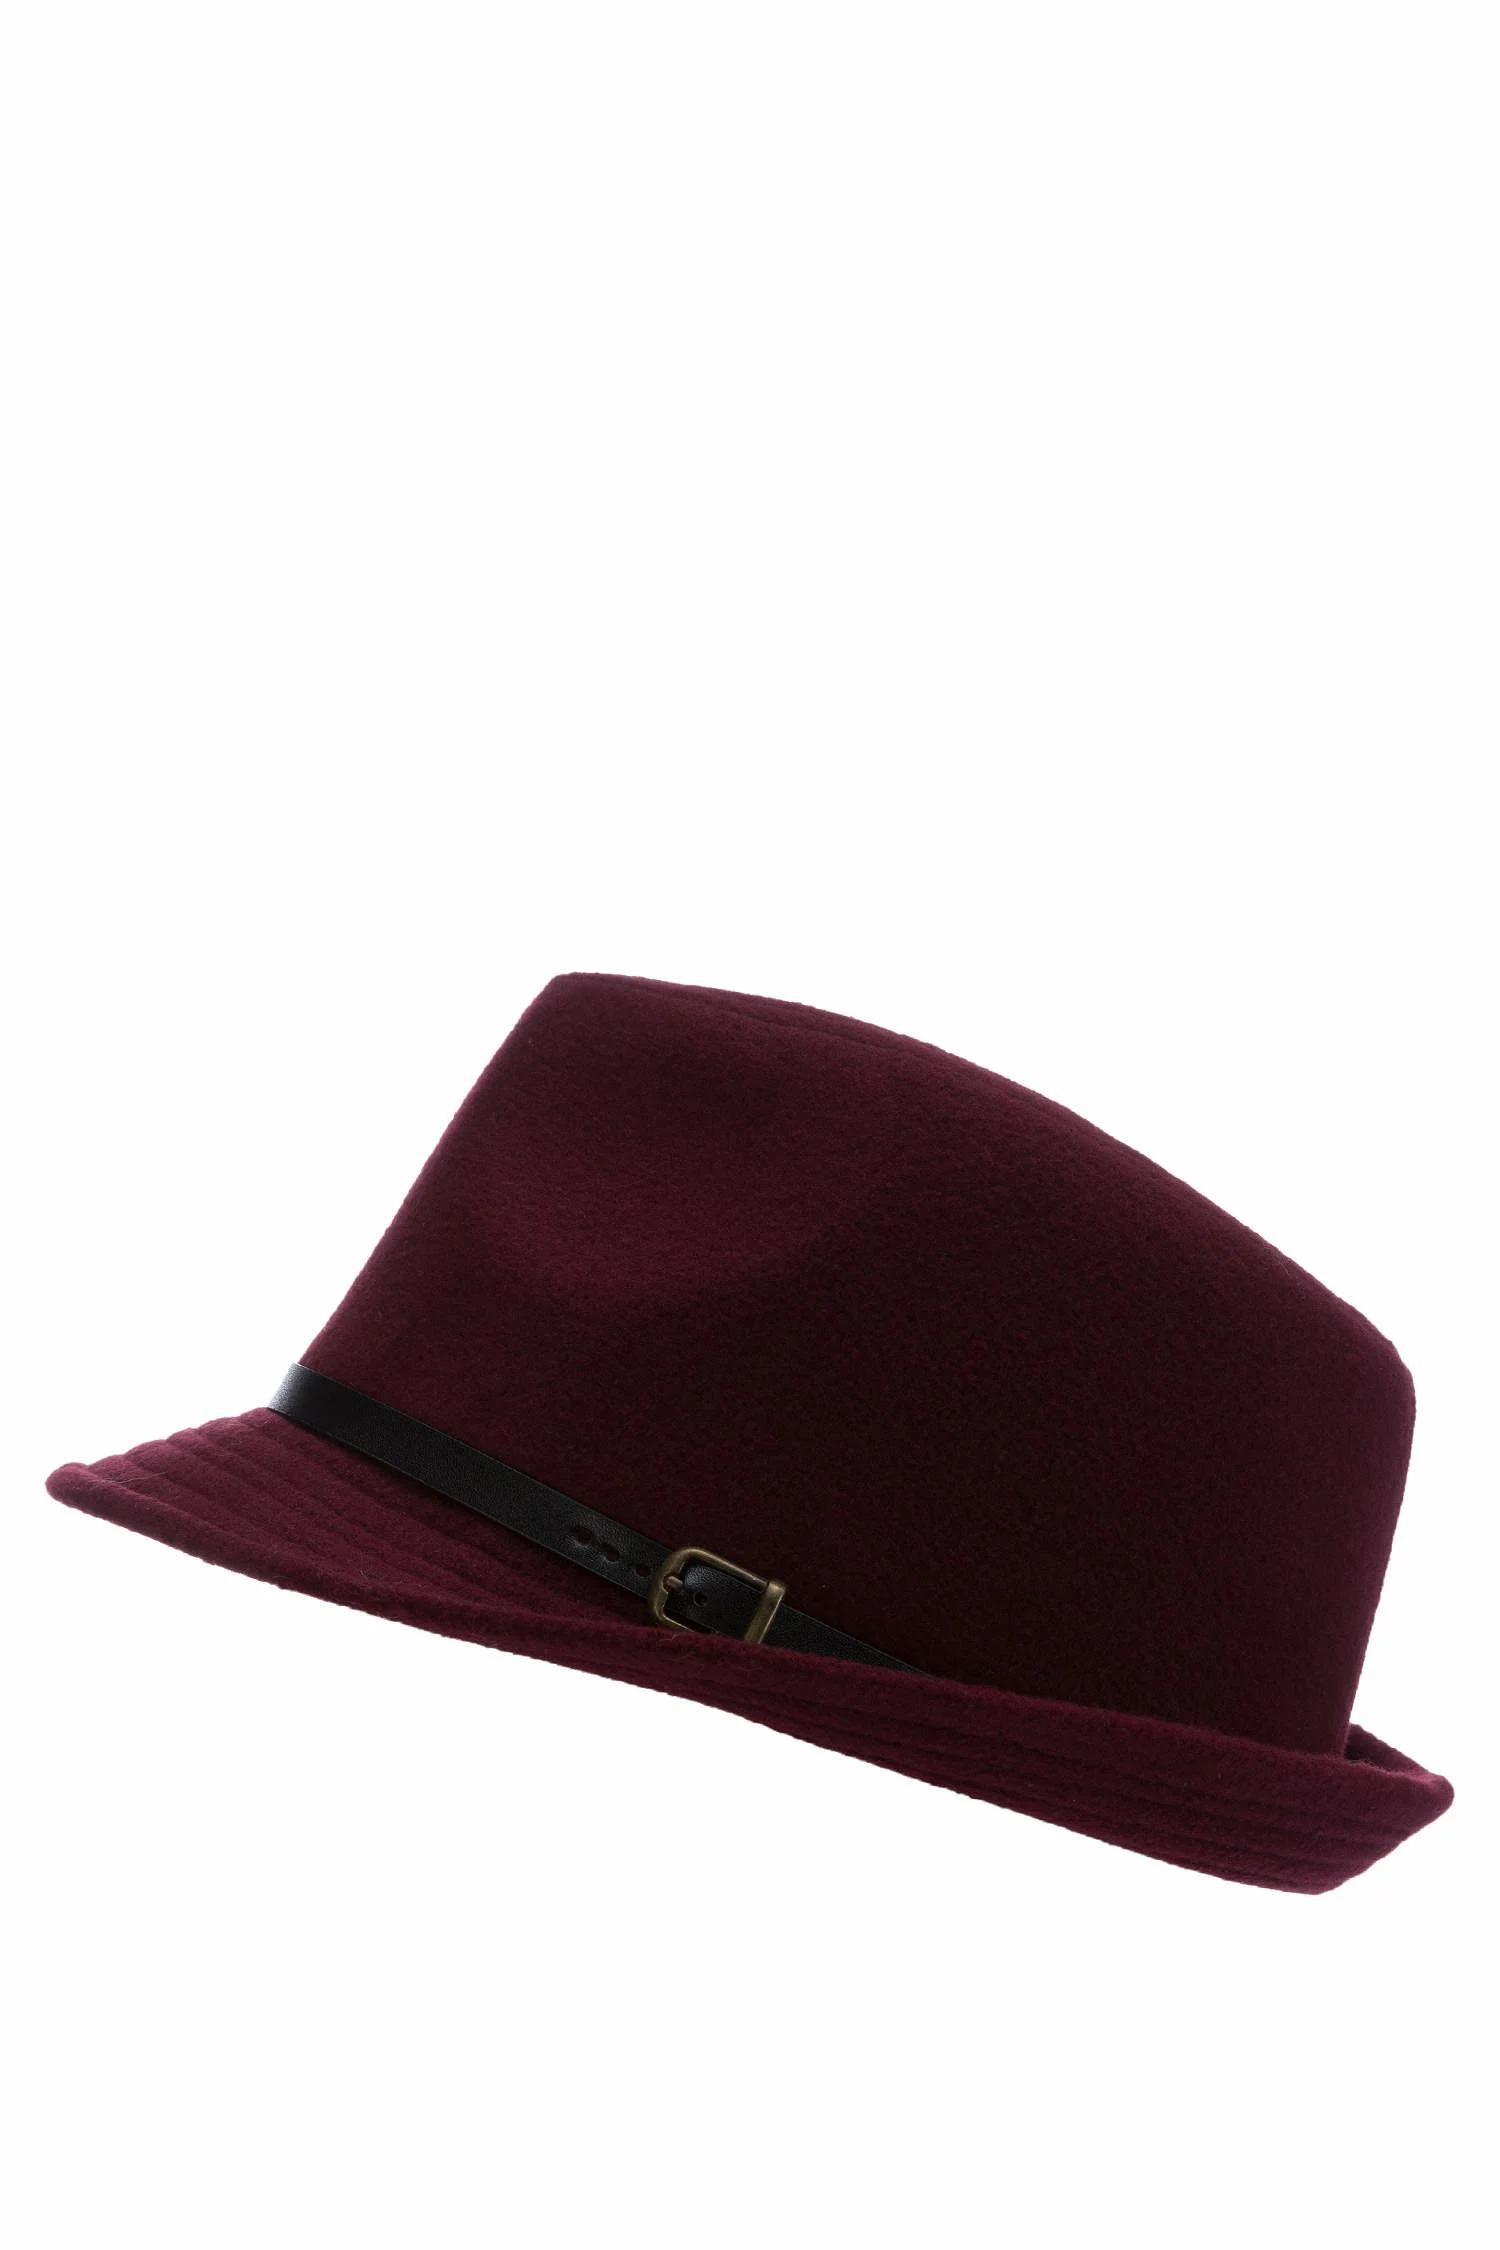 Kadın Şapka 1